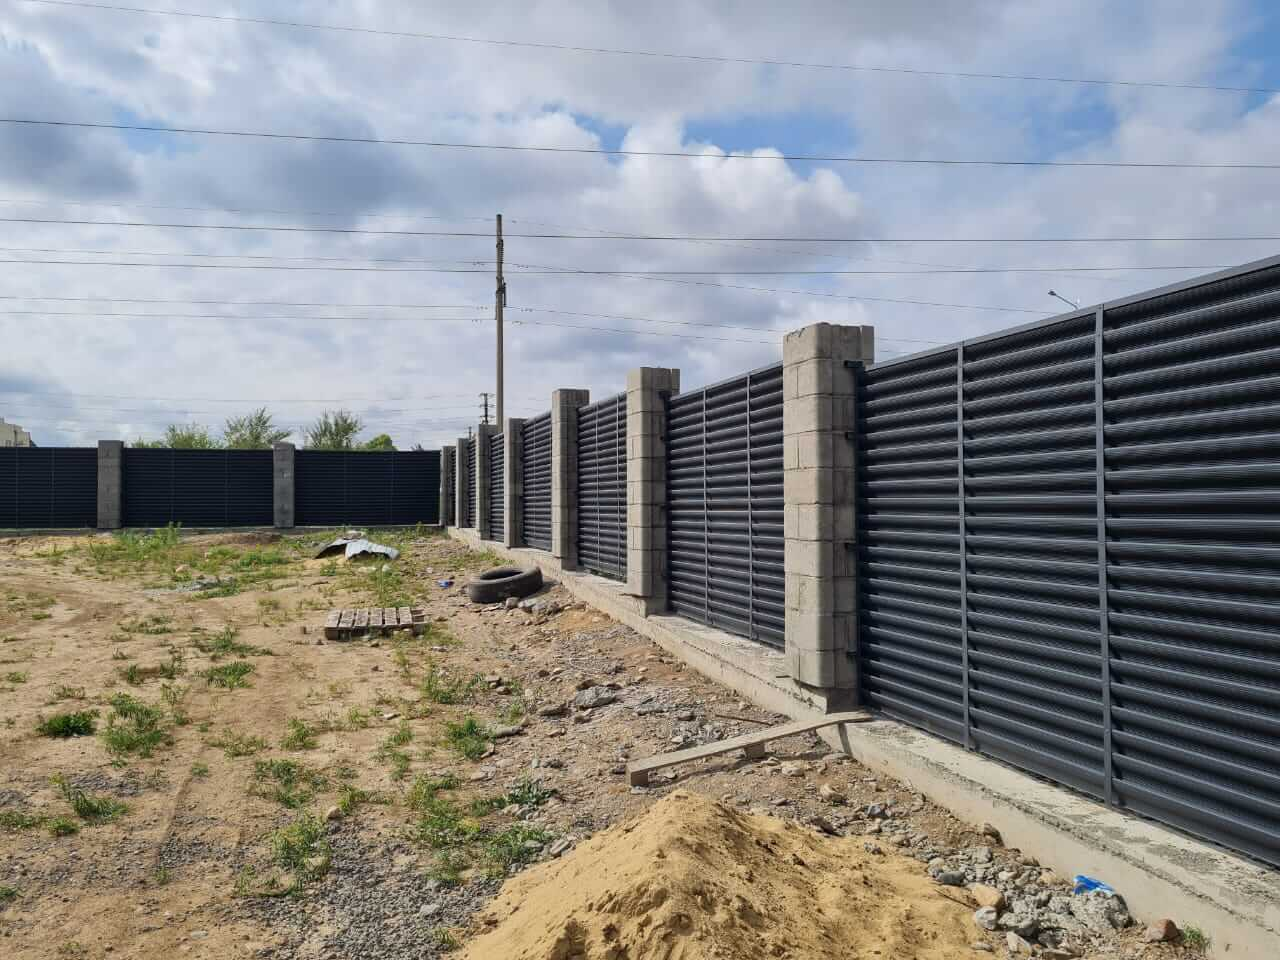 забор-жалюзи серый графит матовый фото3